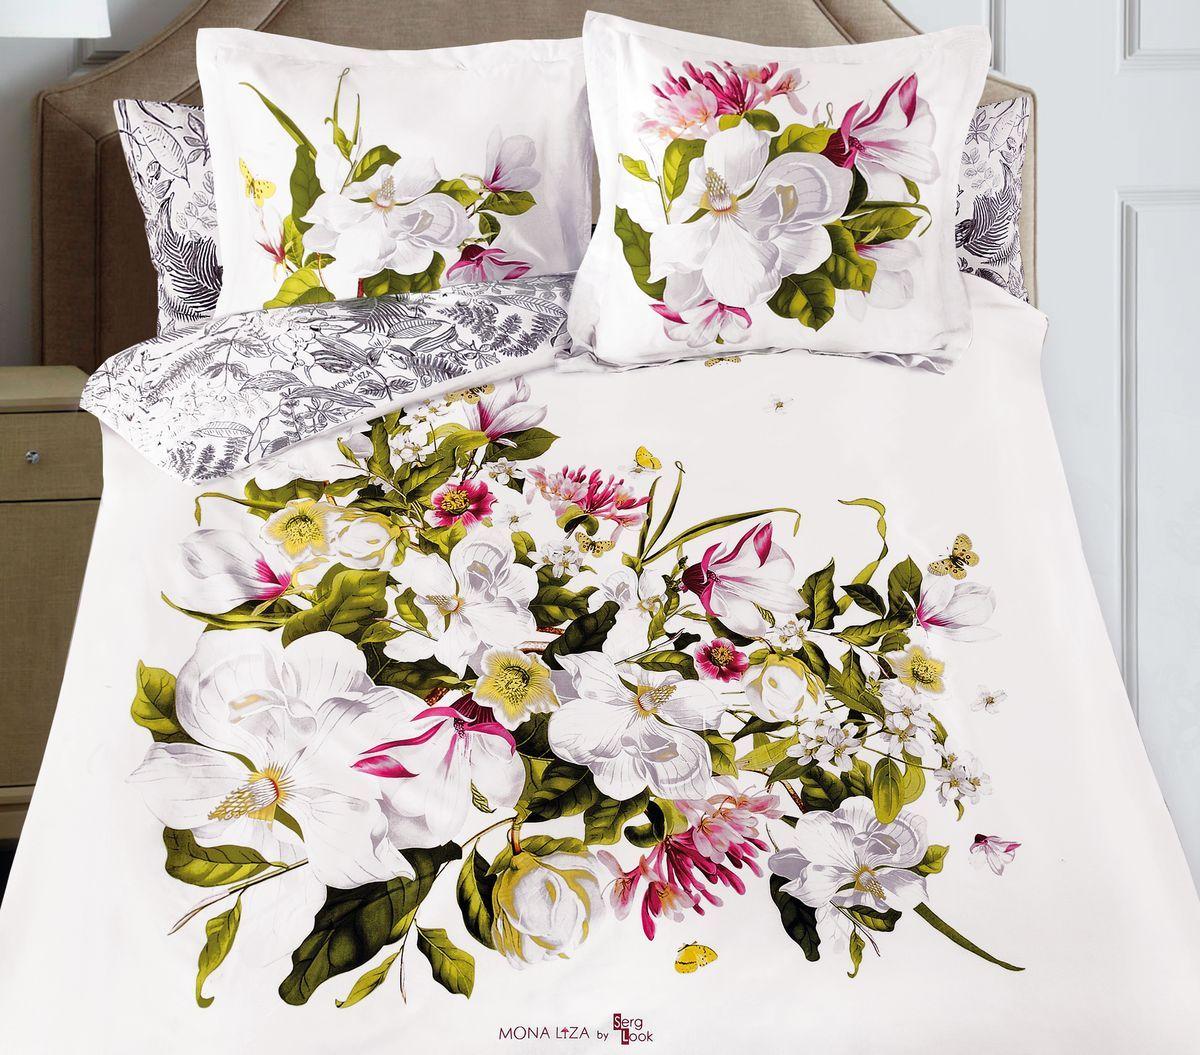 Комплект белья Mona Liza Magnolia, евро, наволочки 50x70, 70x709/8Флоральные мотивы редких экзотических цветов, переведенные в паттерн, позаимствованы из путешествий по тропическим лесам, будоражат воображение природными сочетаниями цветовых палитр и роскошью принтов. Коллекция принесет в ваш дом незабываемое настроение и добавит колорит. Высококачественный сатин окутает и позволит раствориться в мечтах о дальних жарких странах и окунуться во время вечного лета!